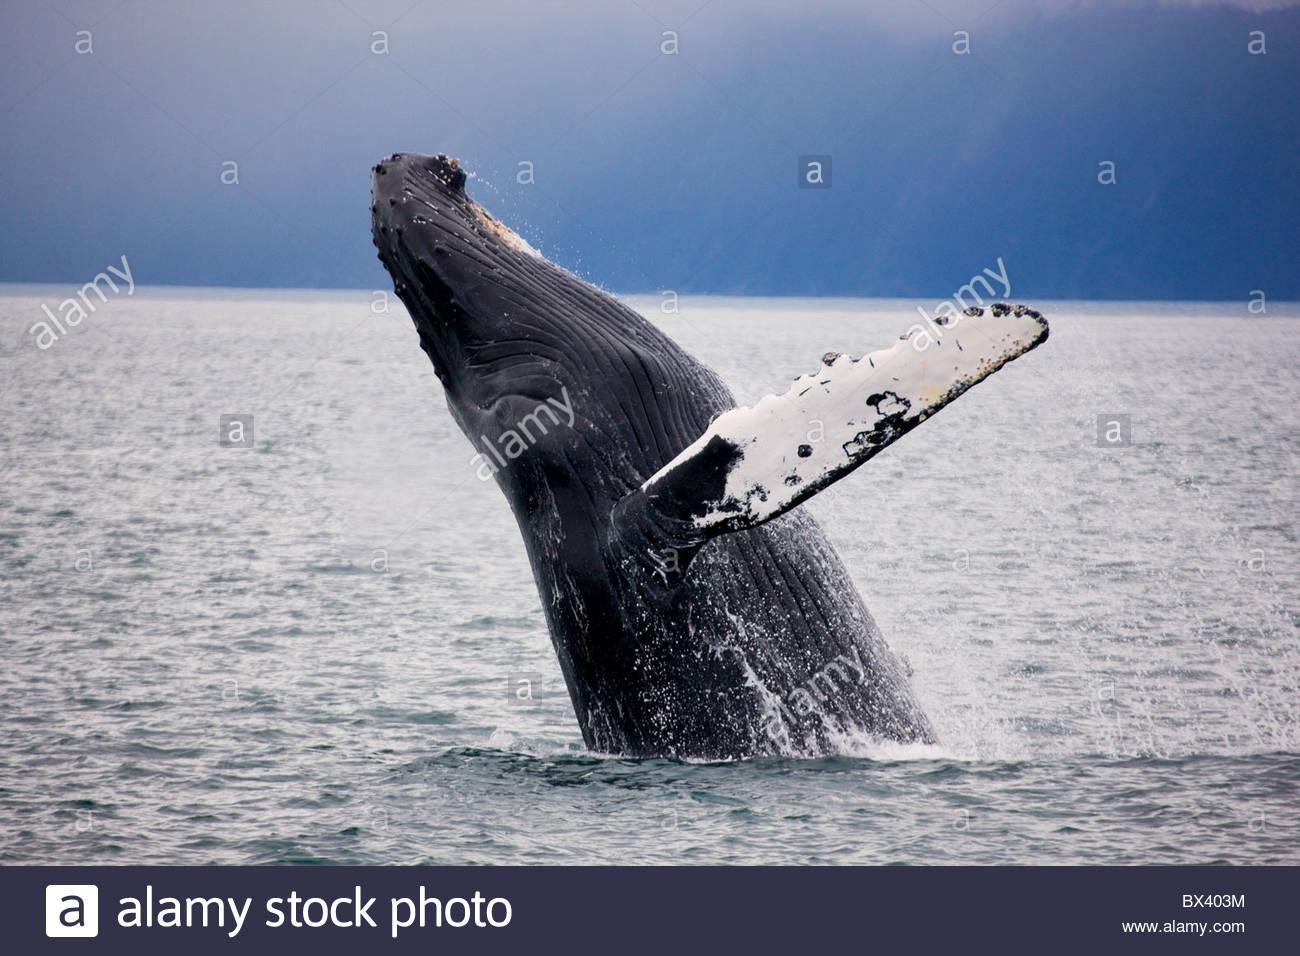 Humpback Whale, il Parco nazionale di Kenai Fjords, Alaska. Immagini Stock